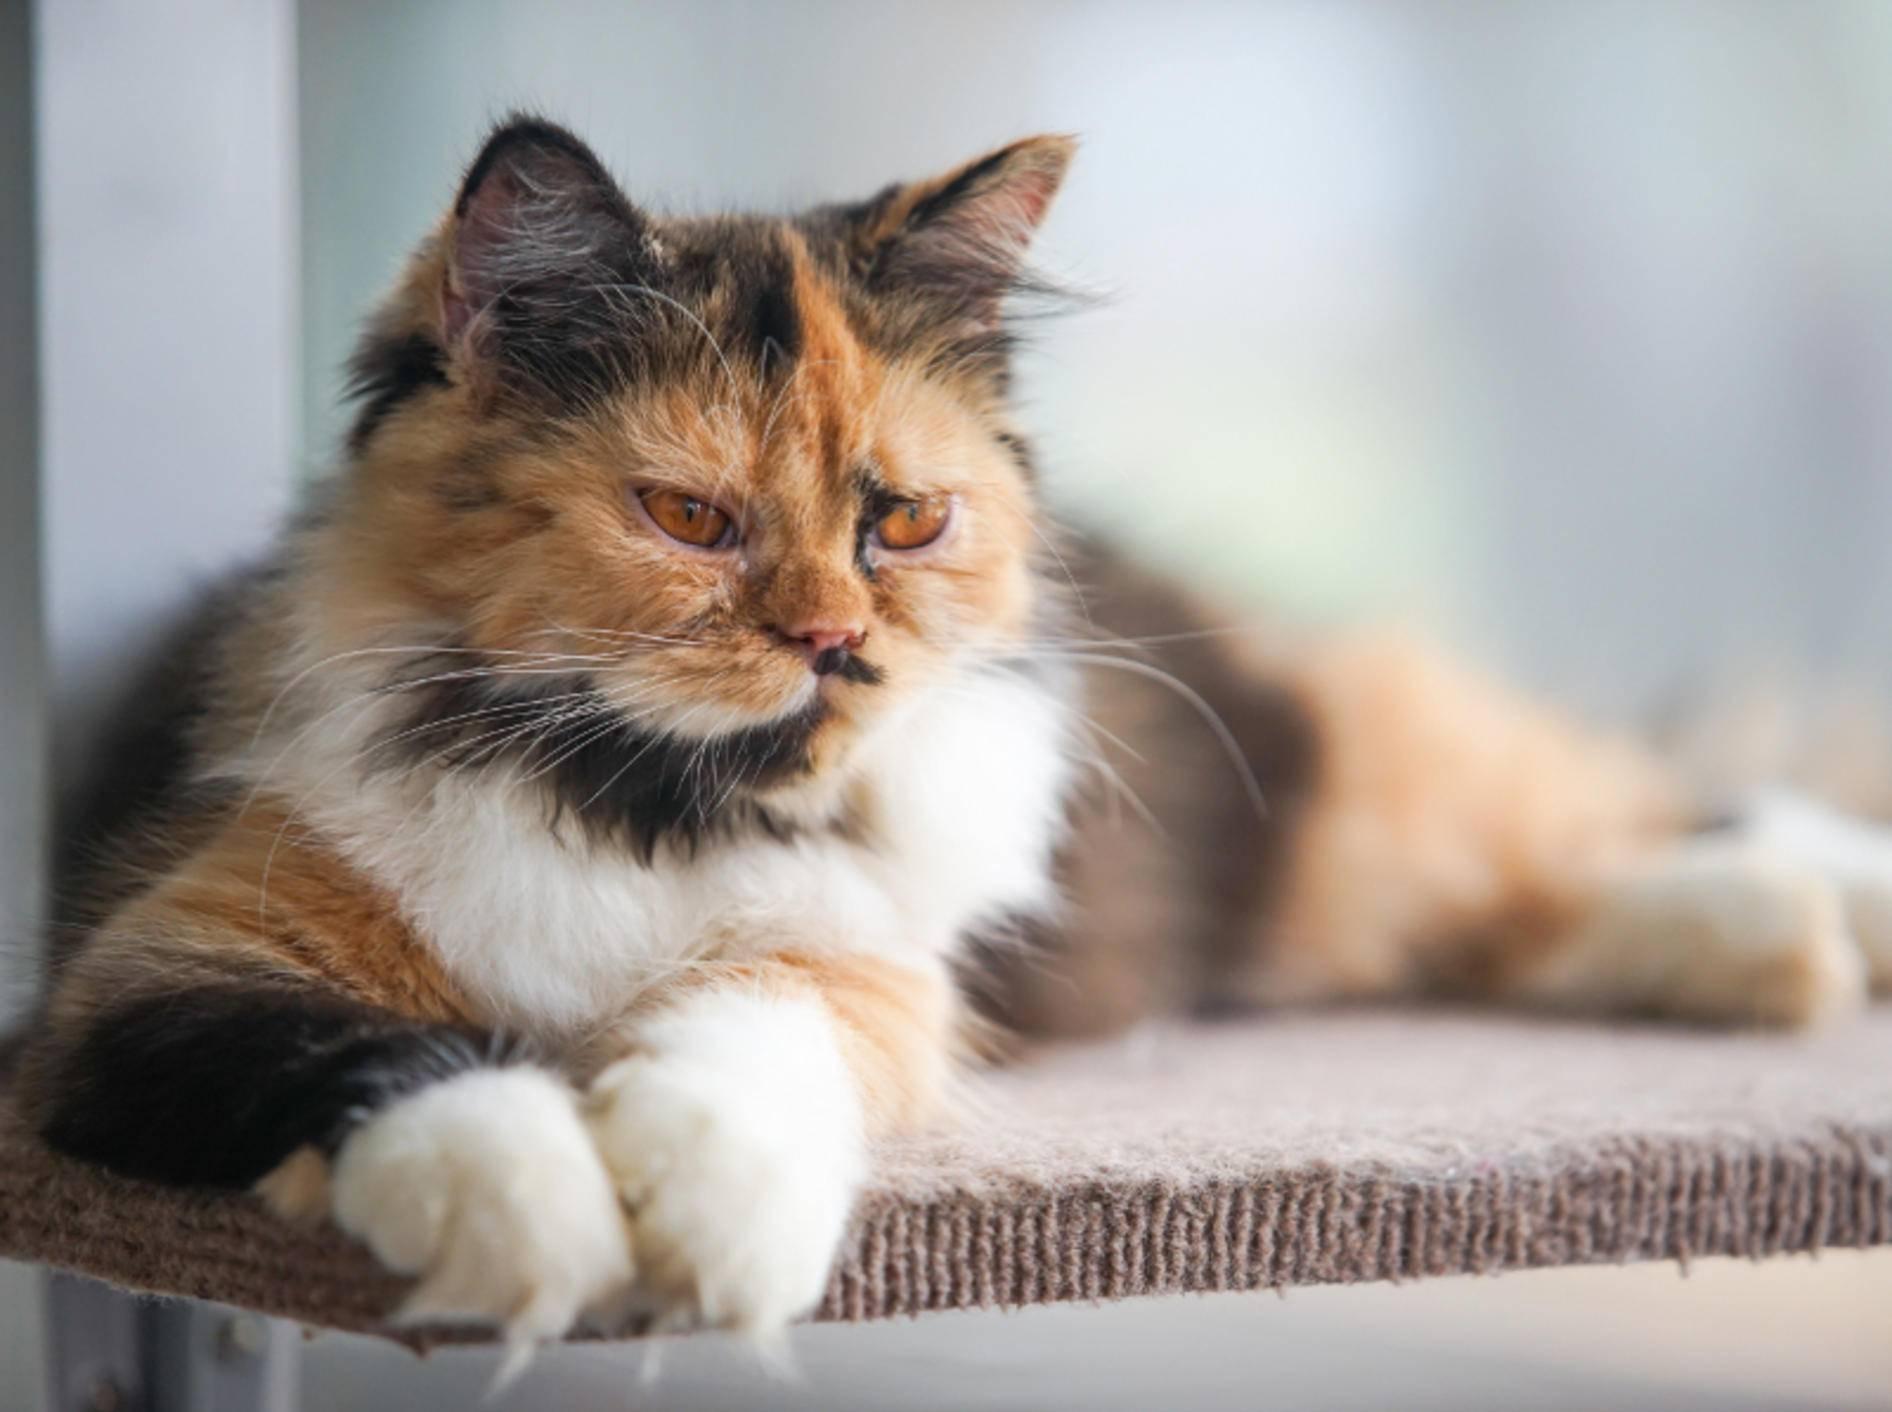 Katzen haben gerne die Übersicht und einen sicheren Rückzugsort – Shutterstock / NARUCHA KLINUDOM